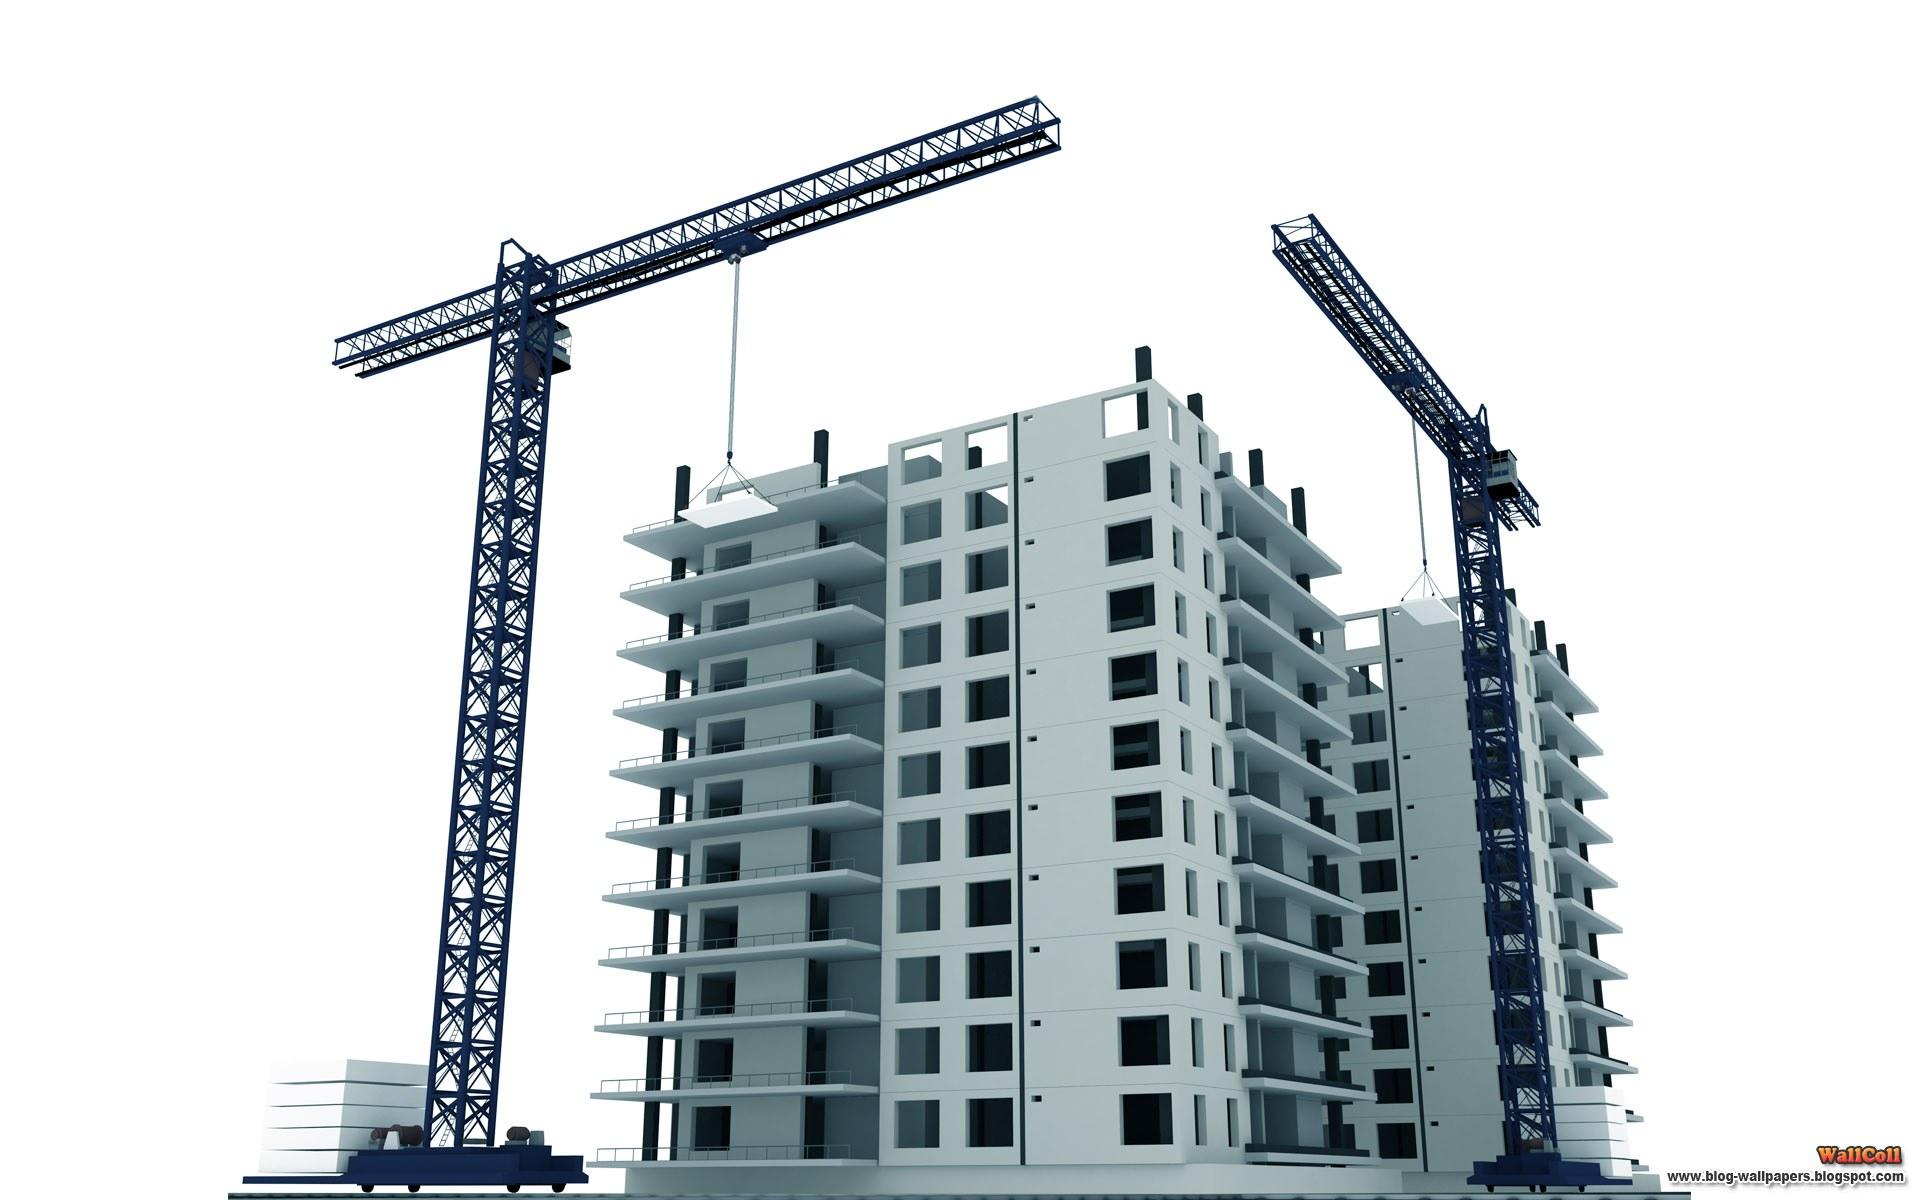 Building construction site clipart. Clipartfest our services on